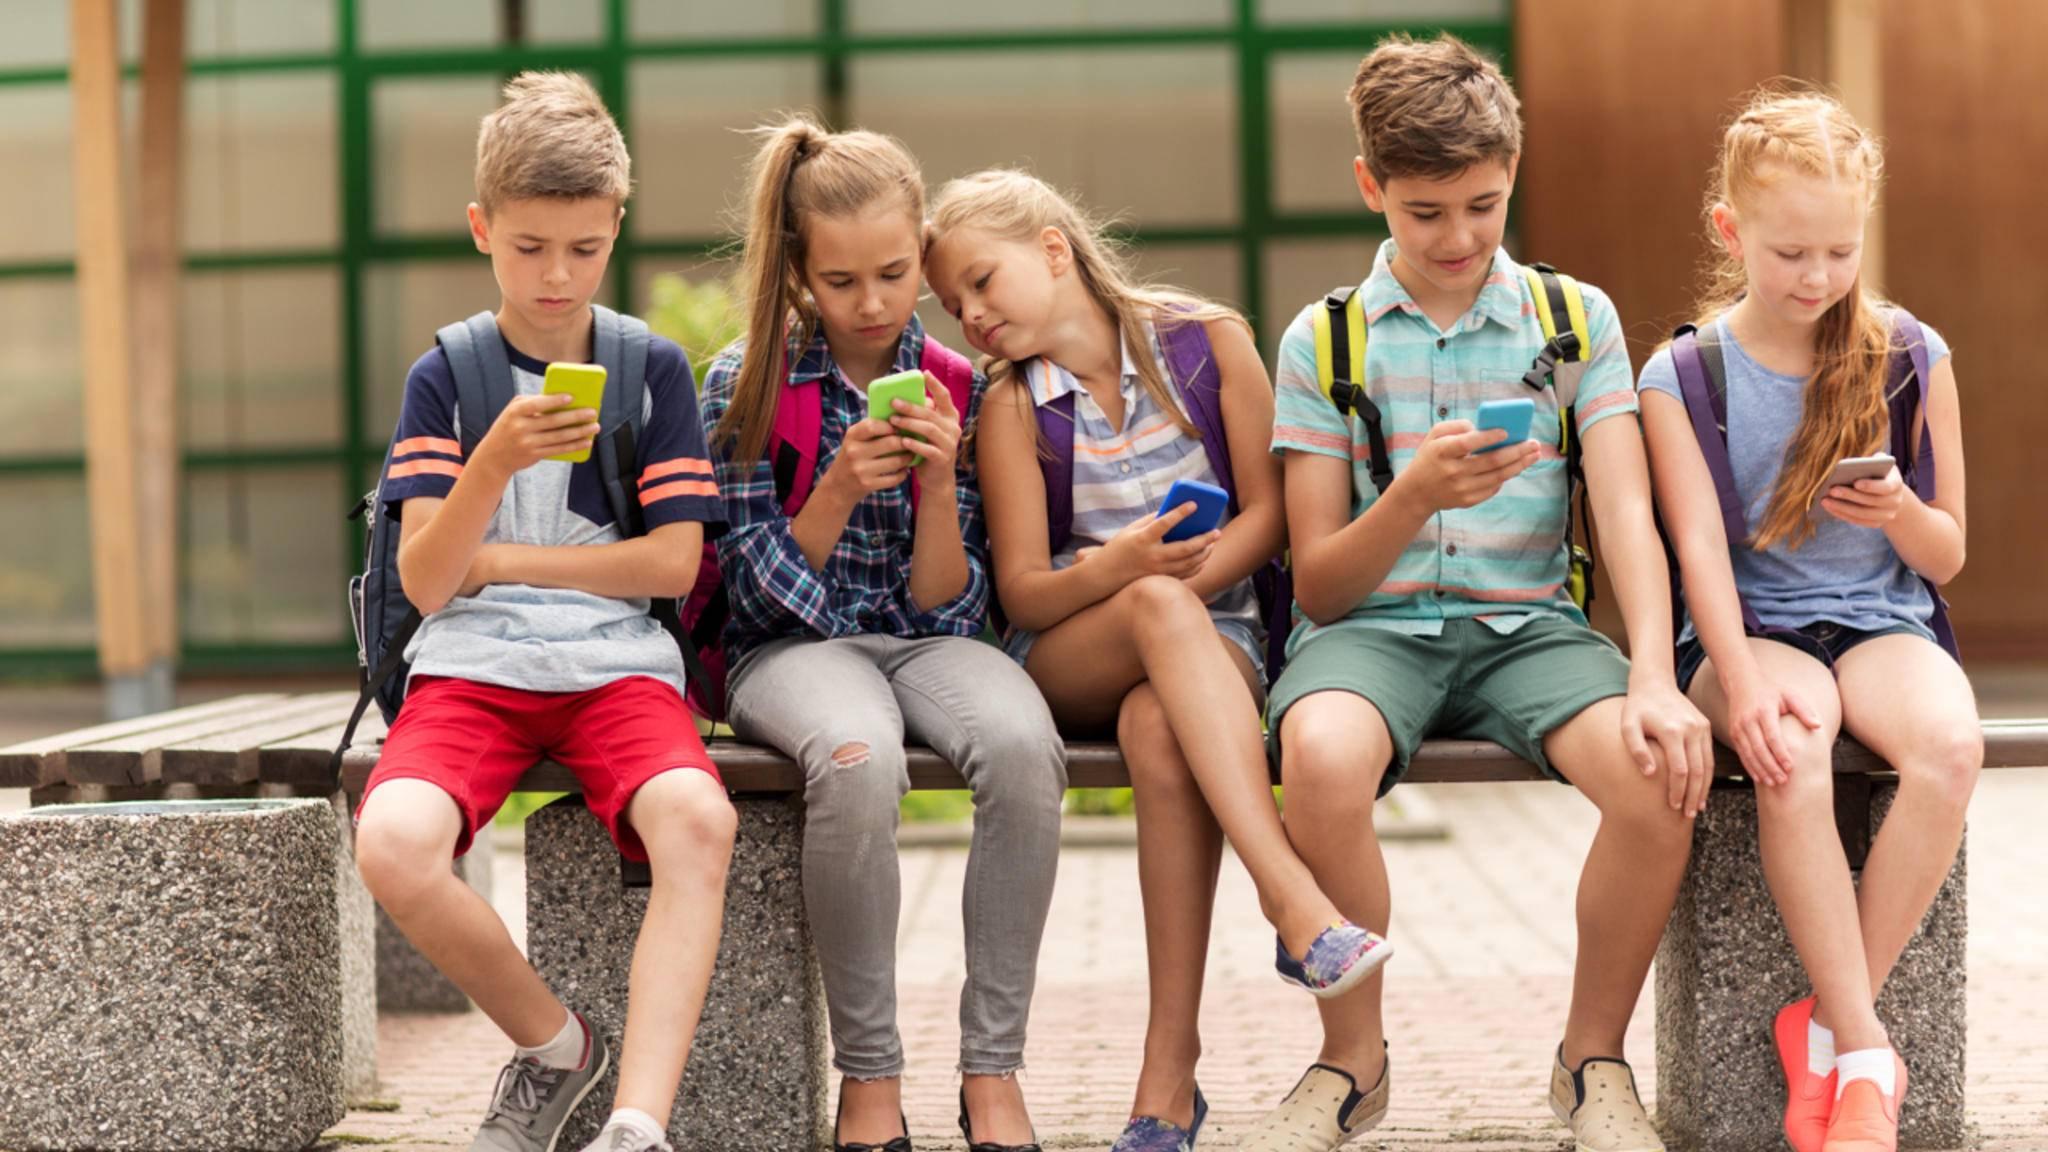 Für Kinder bietet sich ein stabiles und günstiges Smartphone an.